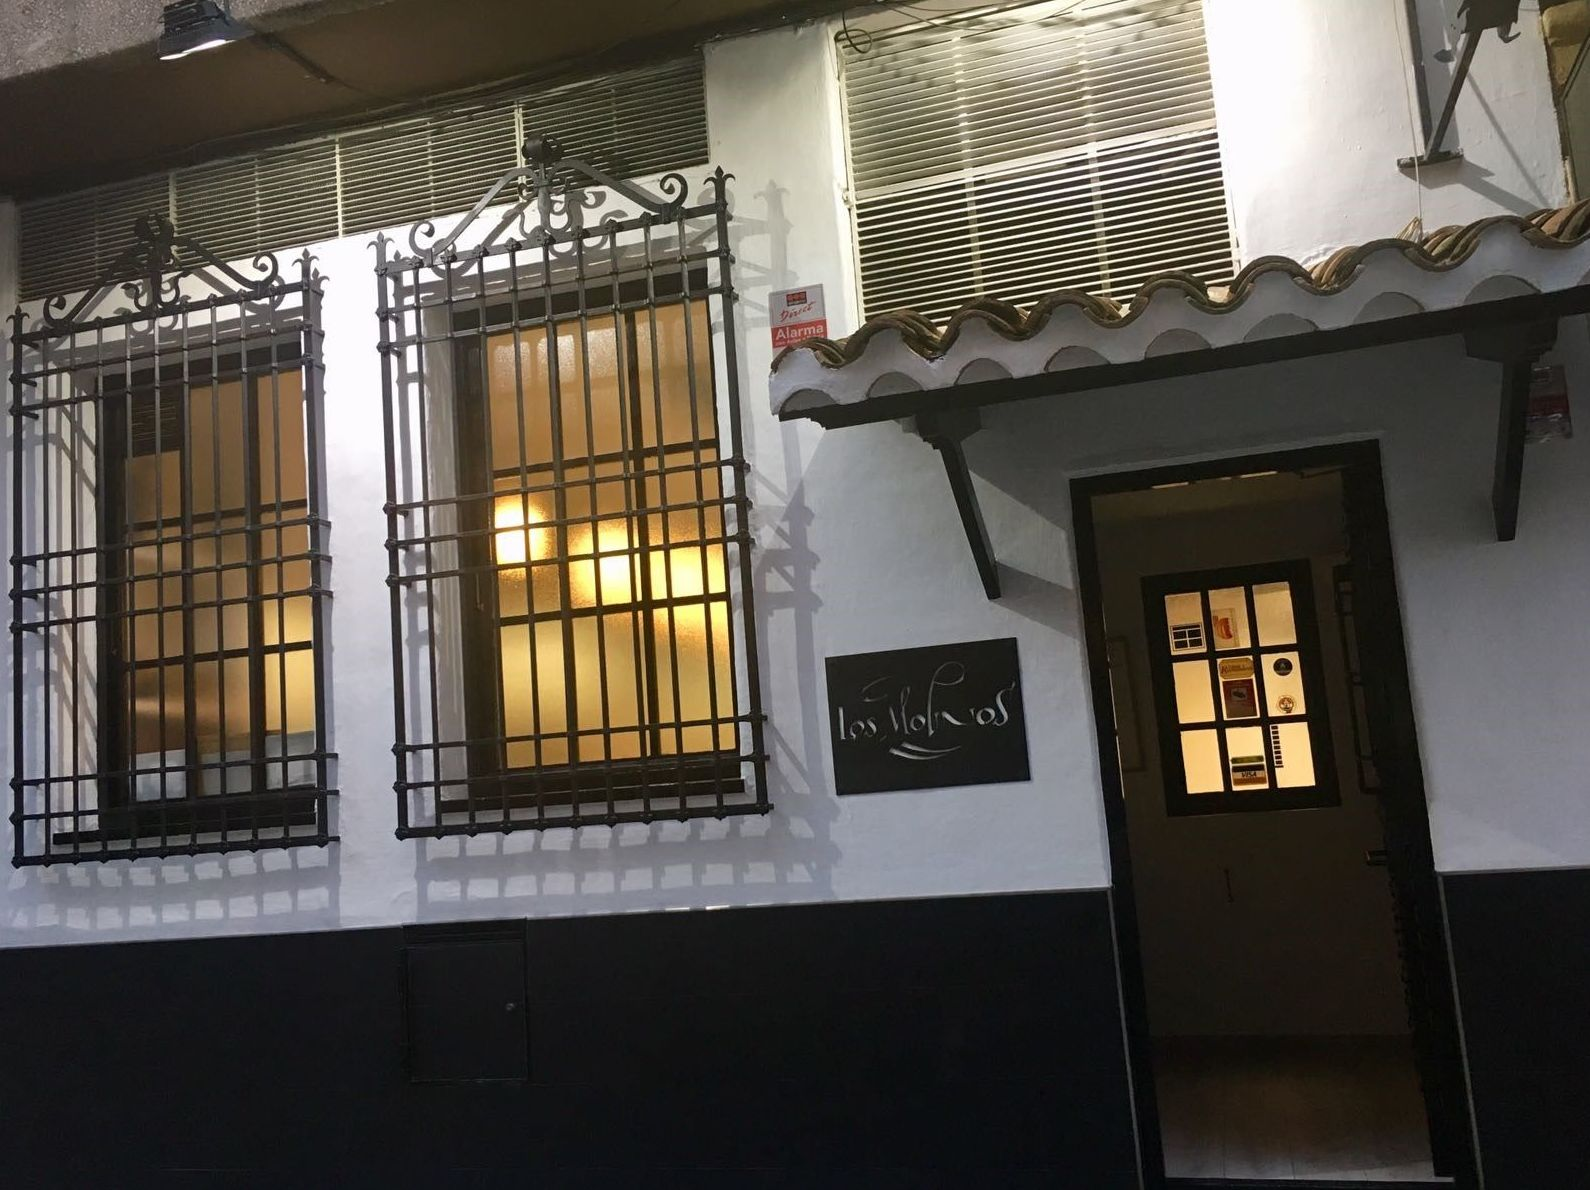 Foto 17 de Cocina creativa en Albacete | Gastrobar/Restaurante Los Molinos